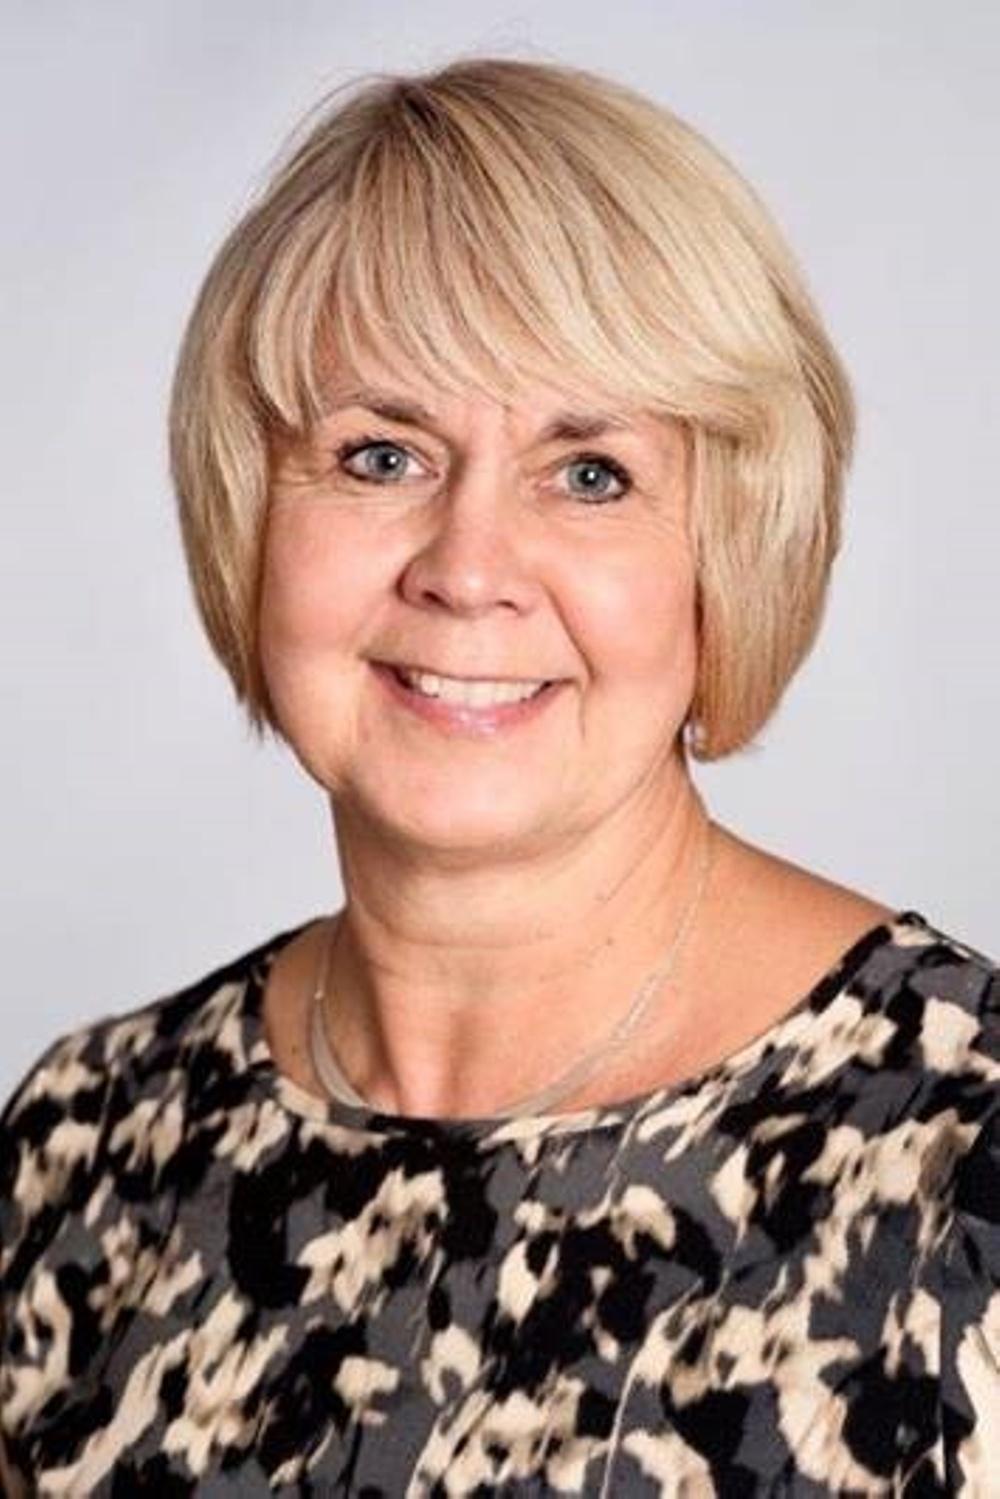 Marita Ljung, Affärschef och Kontorschef Västerås, Almi Mälardalen